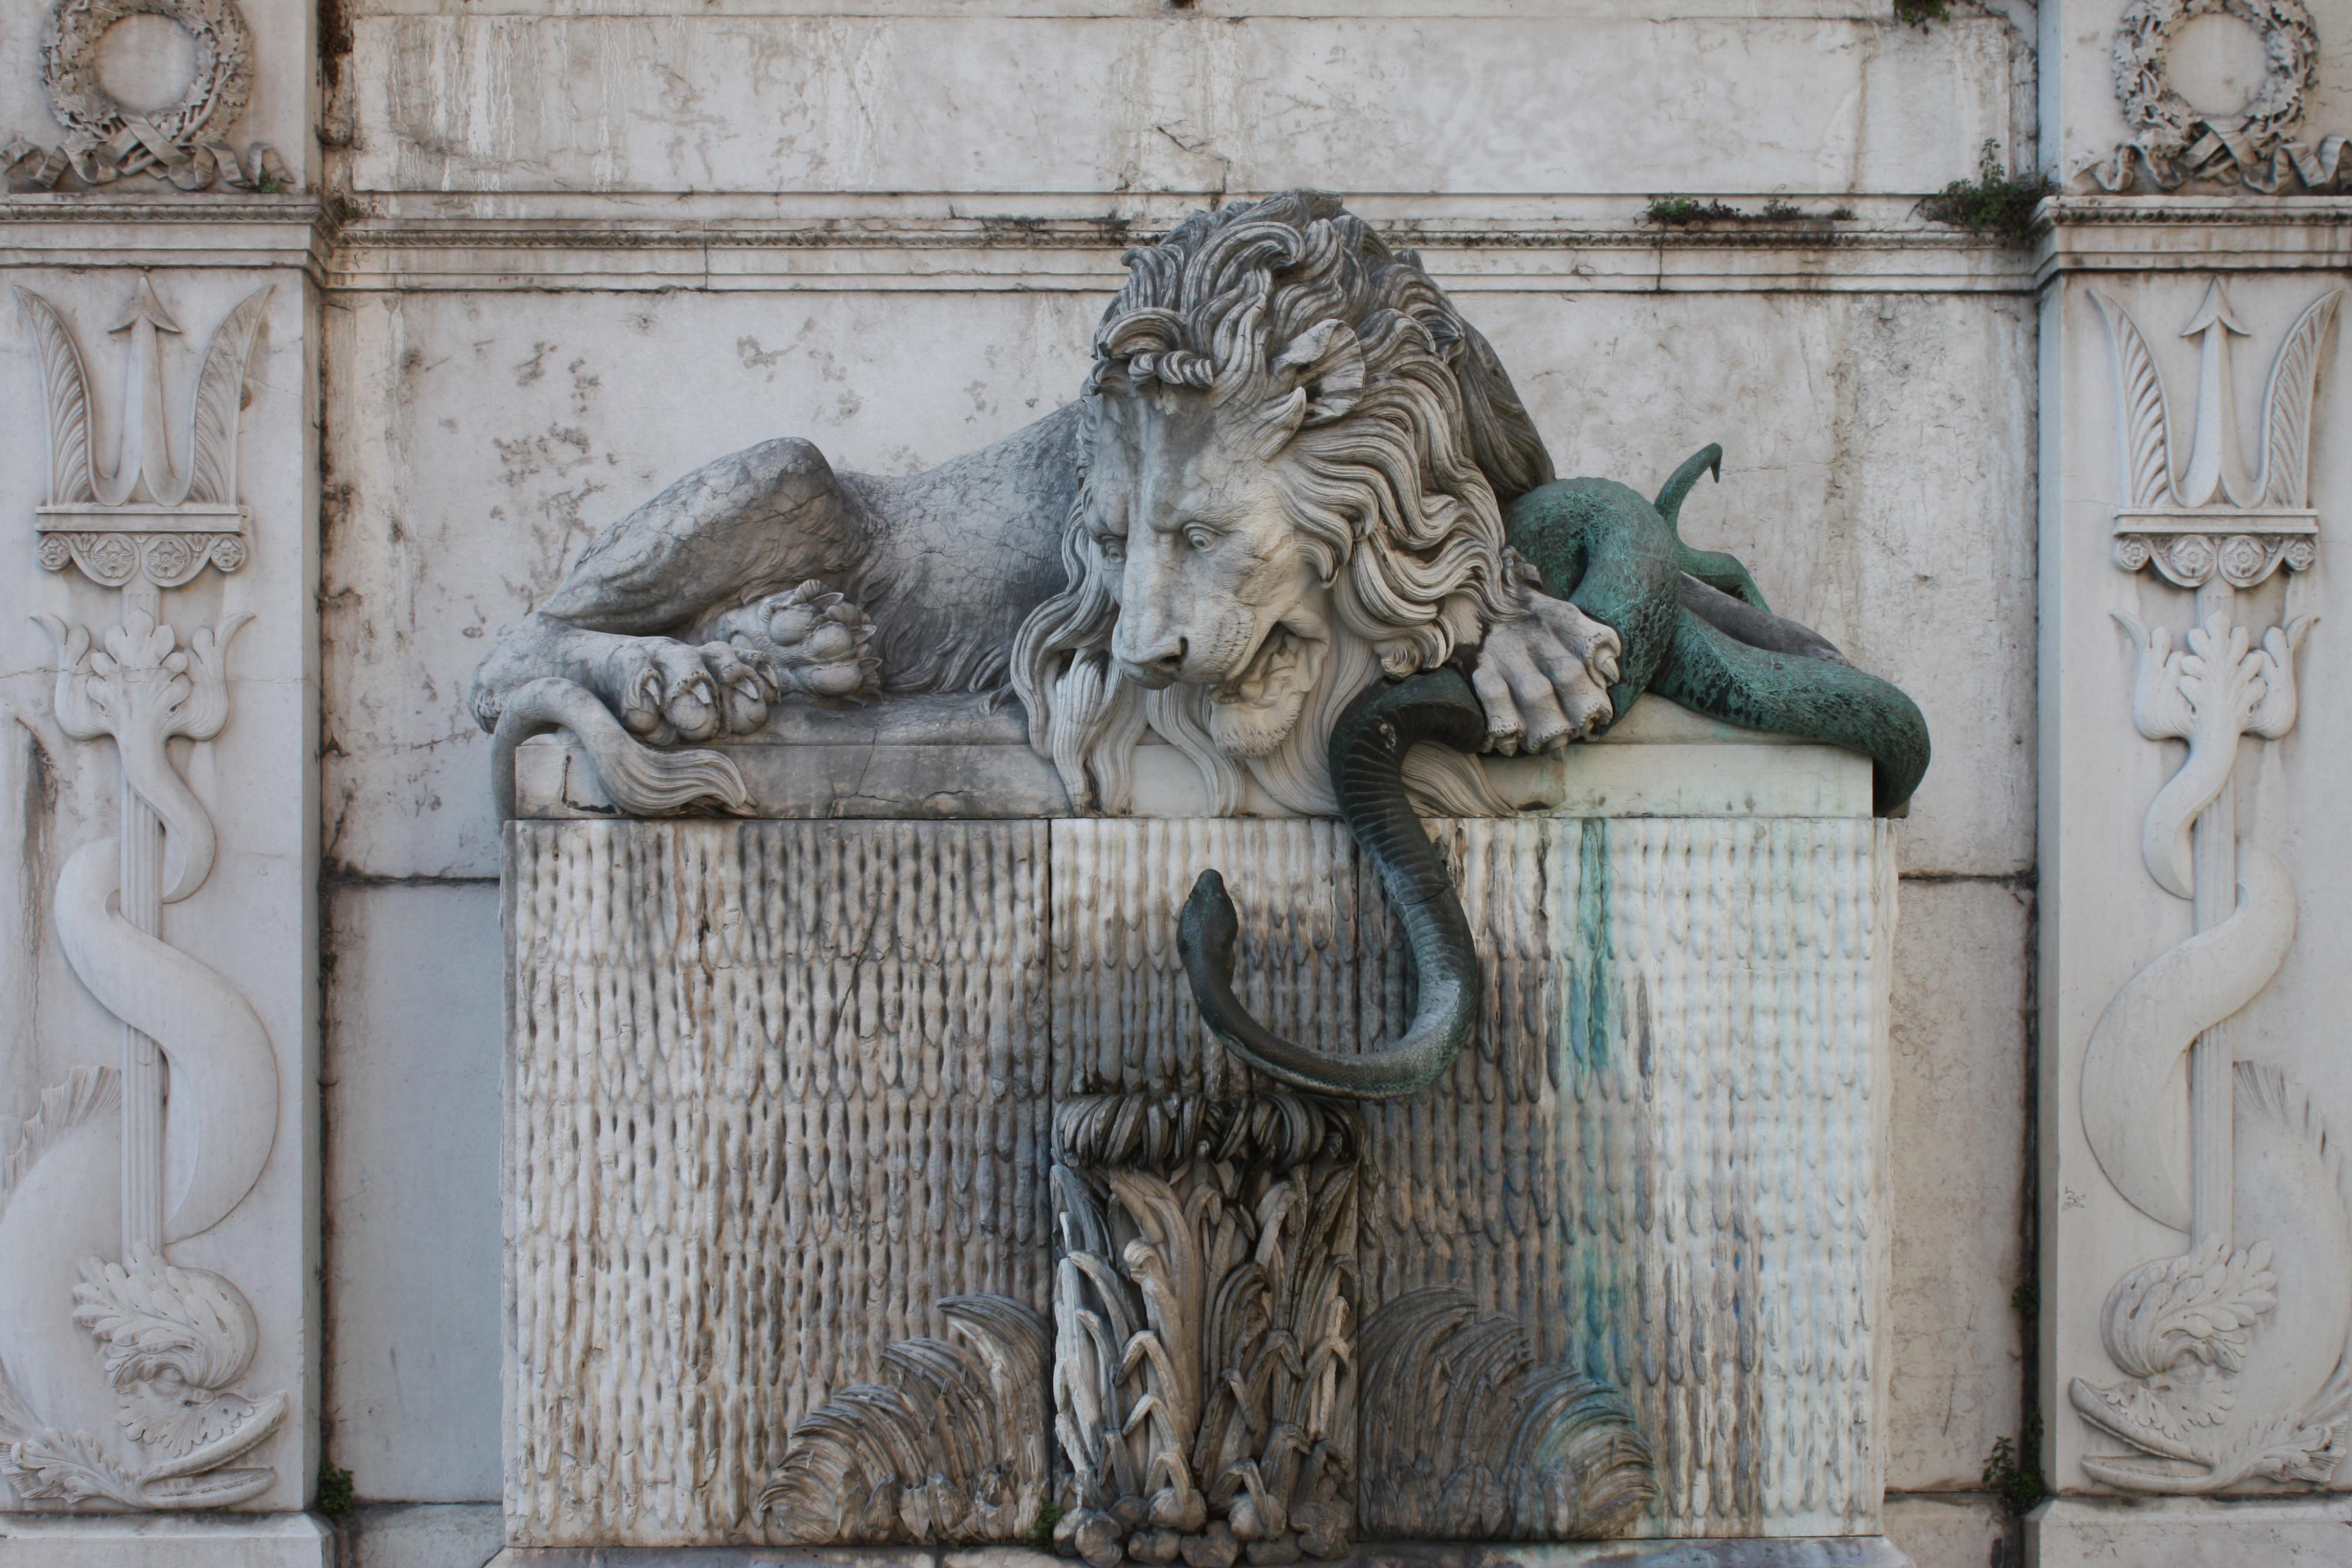 Grenoble - Fontaine au lion